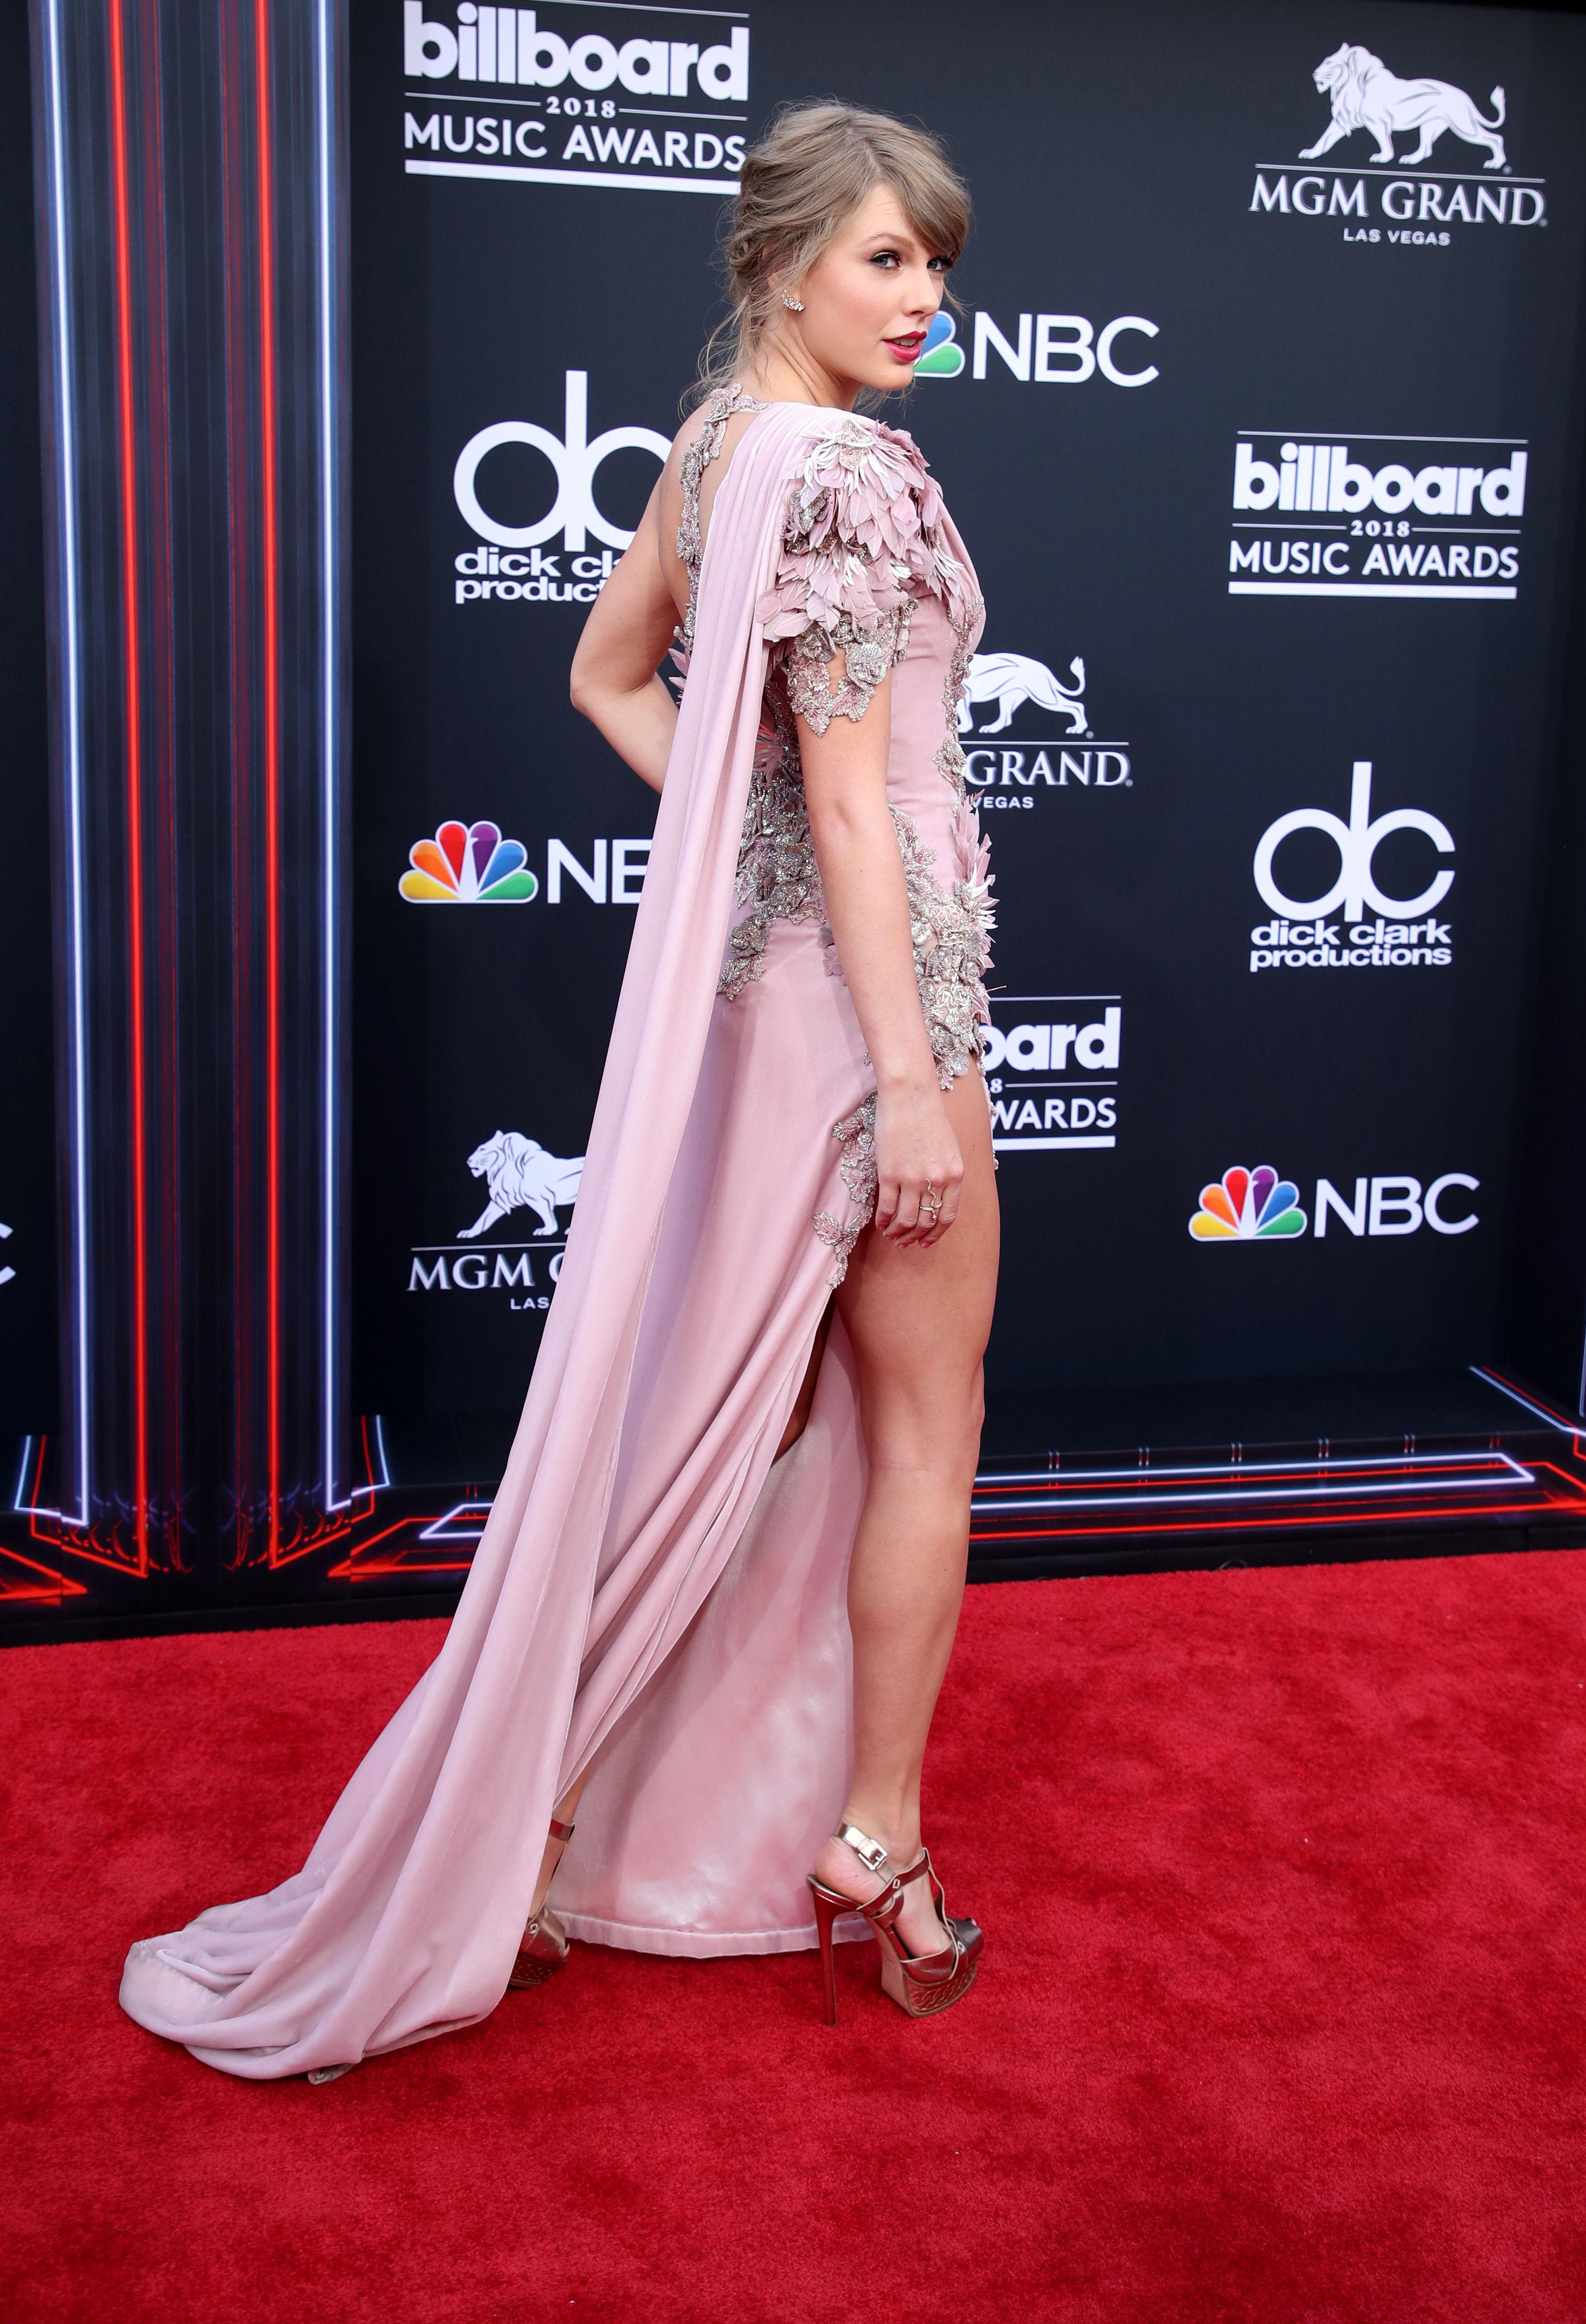 Taylor Swift Paparazzi Panties Upskirt Shots - PlayCelebs.net